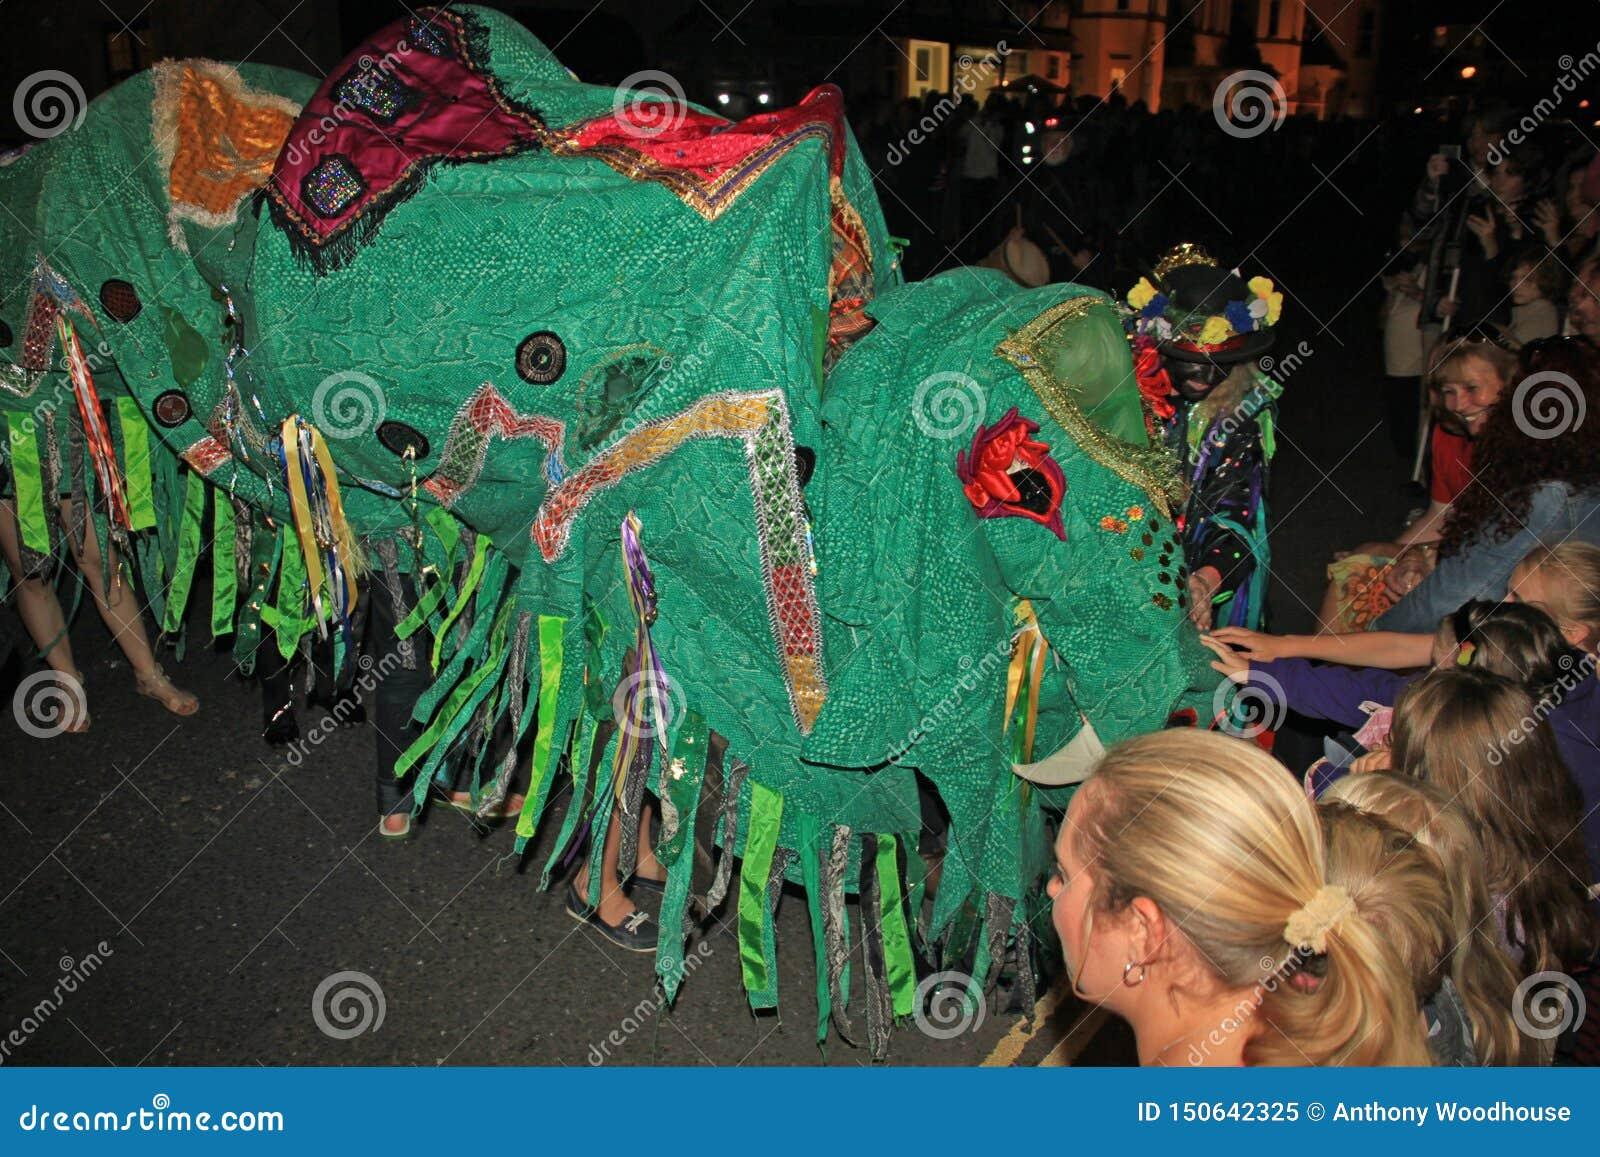 SIDMOUTH, ДЕВОН, АНГЛИЯ - 10-ОЕ АВГУСТА 2012: Зеленый китайский дракон получает заштрихованным зрителями по мере того как он прин